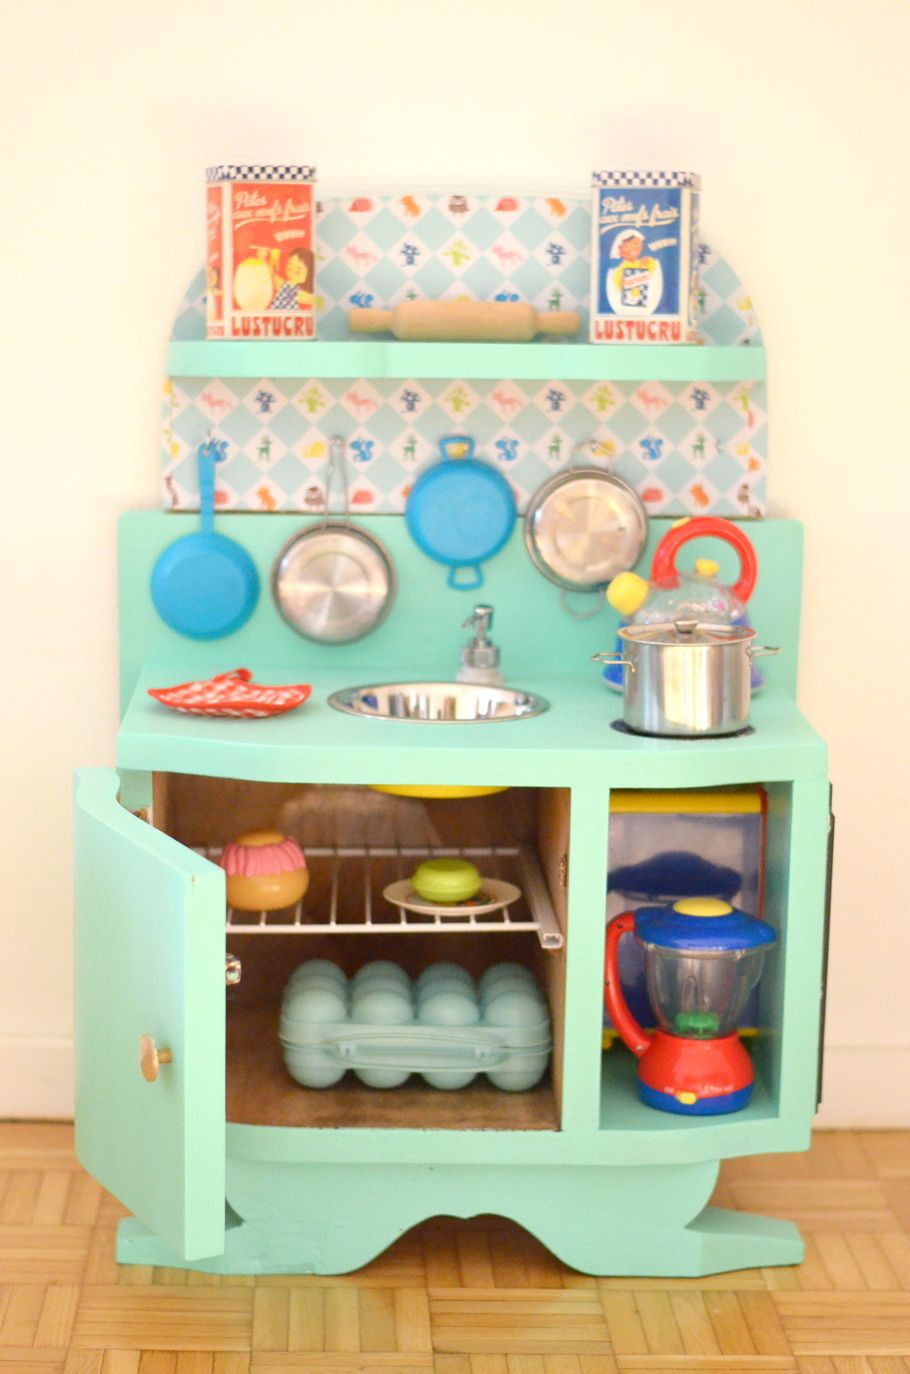 diy une cuisine enfant en bois fabriquer jouet pas cher blog maman bricolage toy and. Black Bedroom Furniture Sets. Home Design Ideas